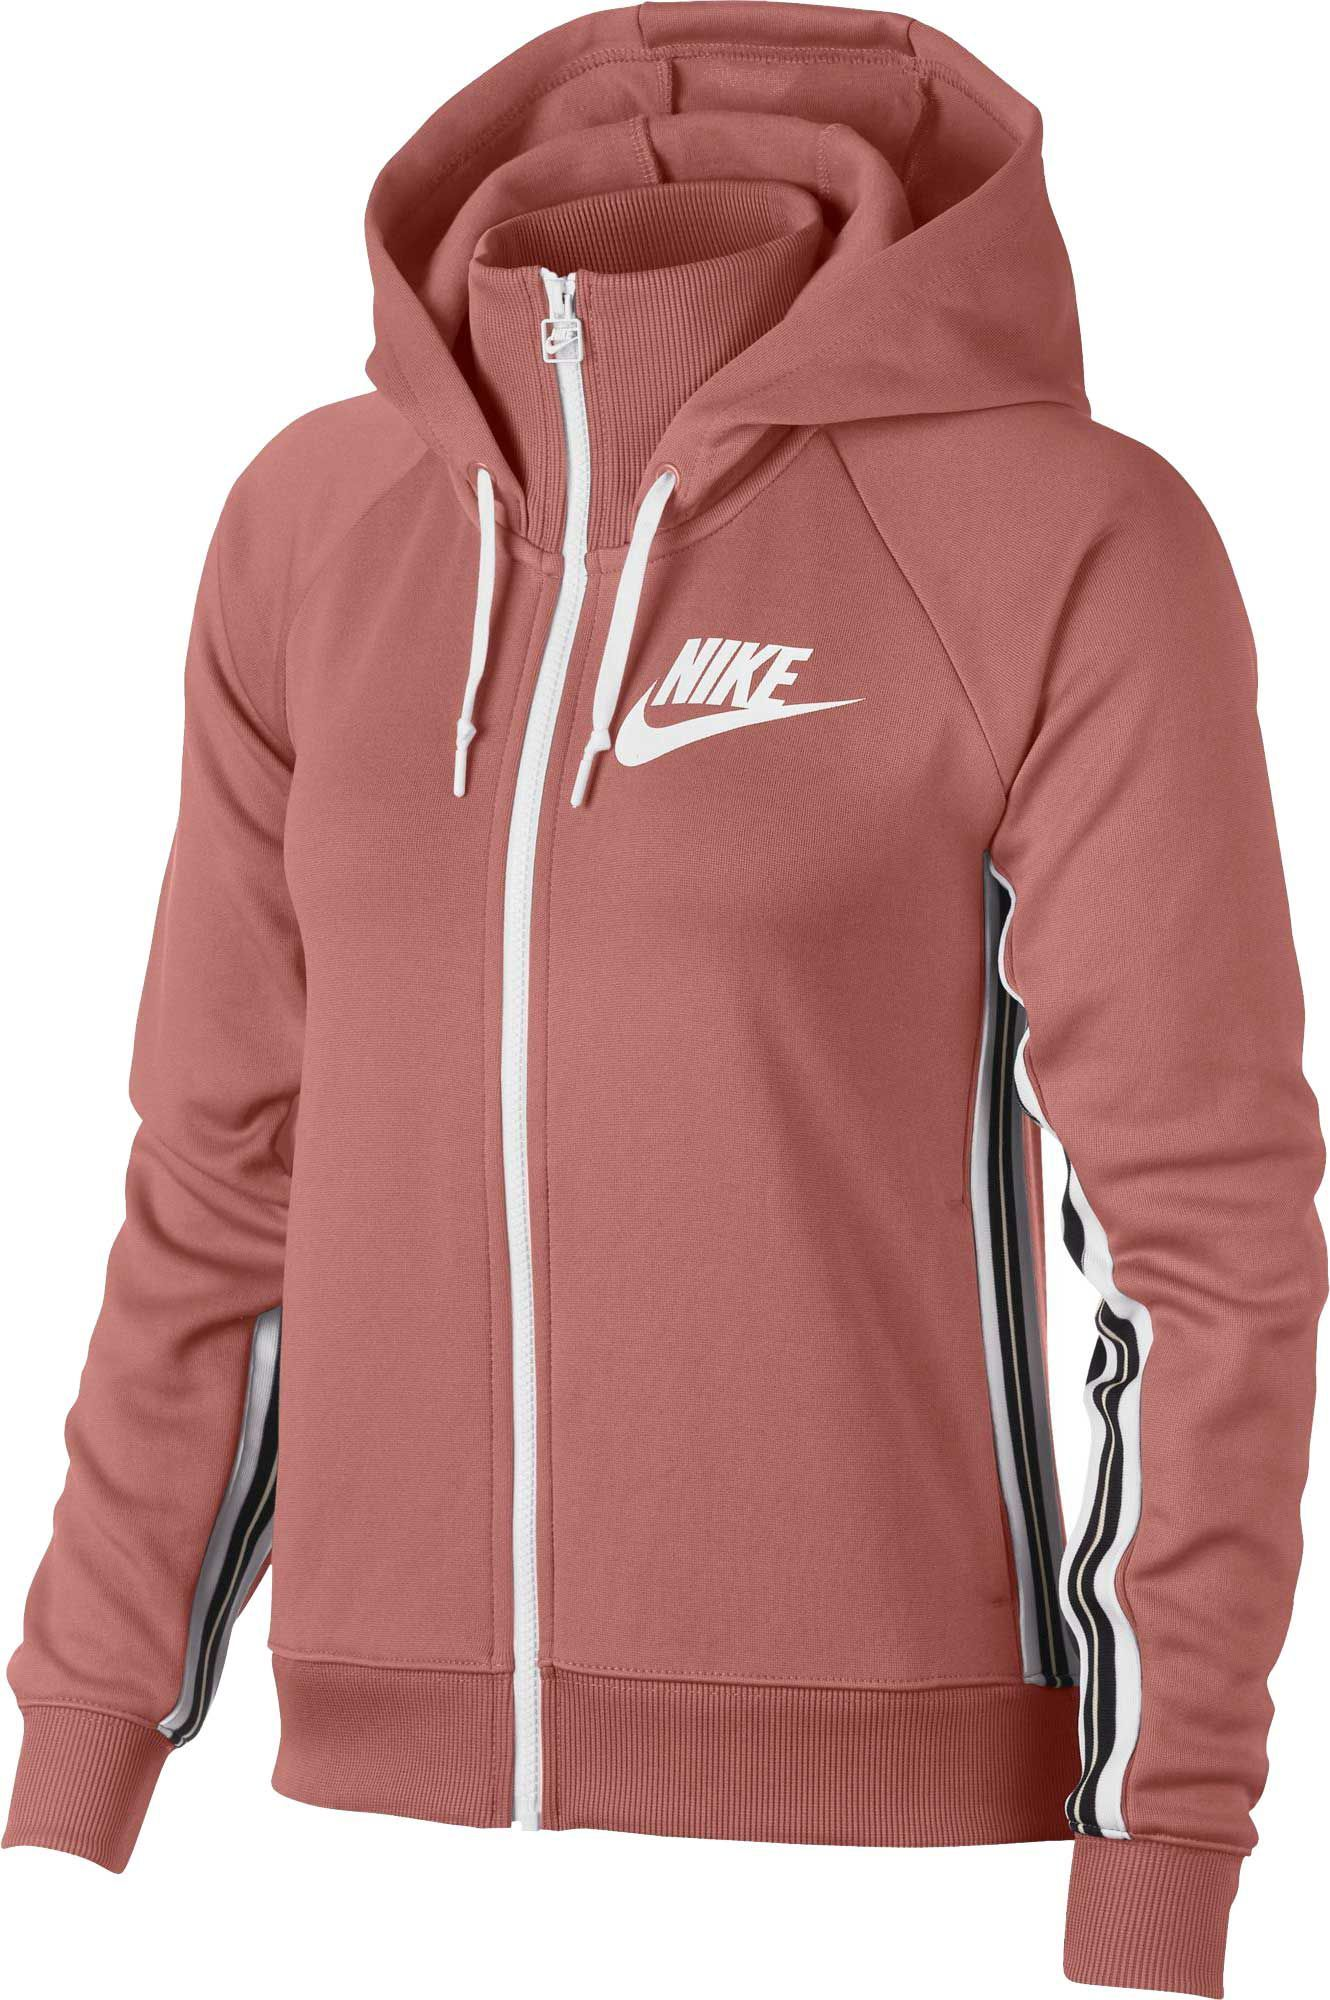 Nike Women s Sportswear Full-Zip Tracksuit Hoodie in 2019  67d64a65b9